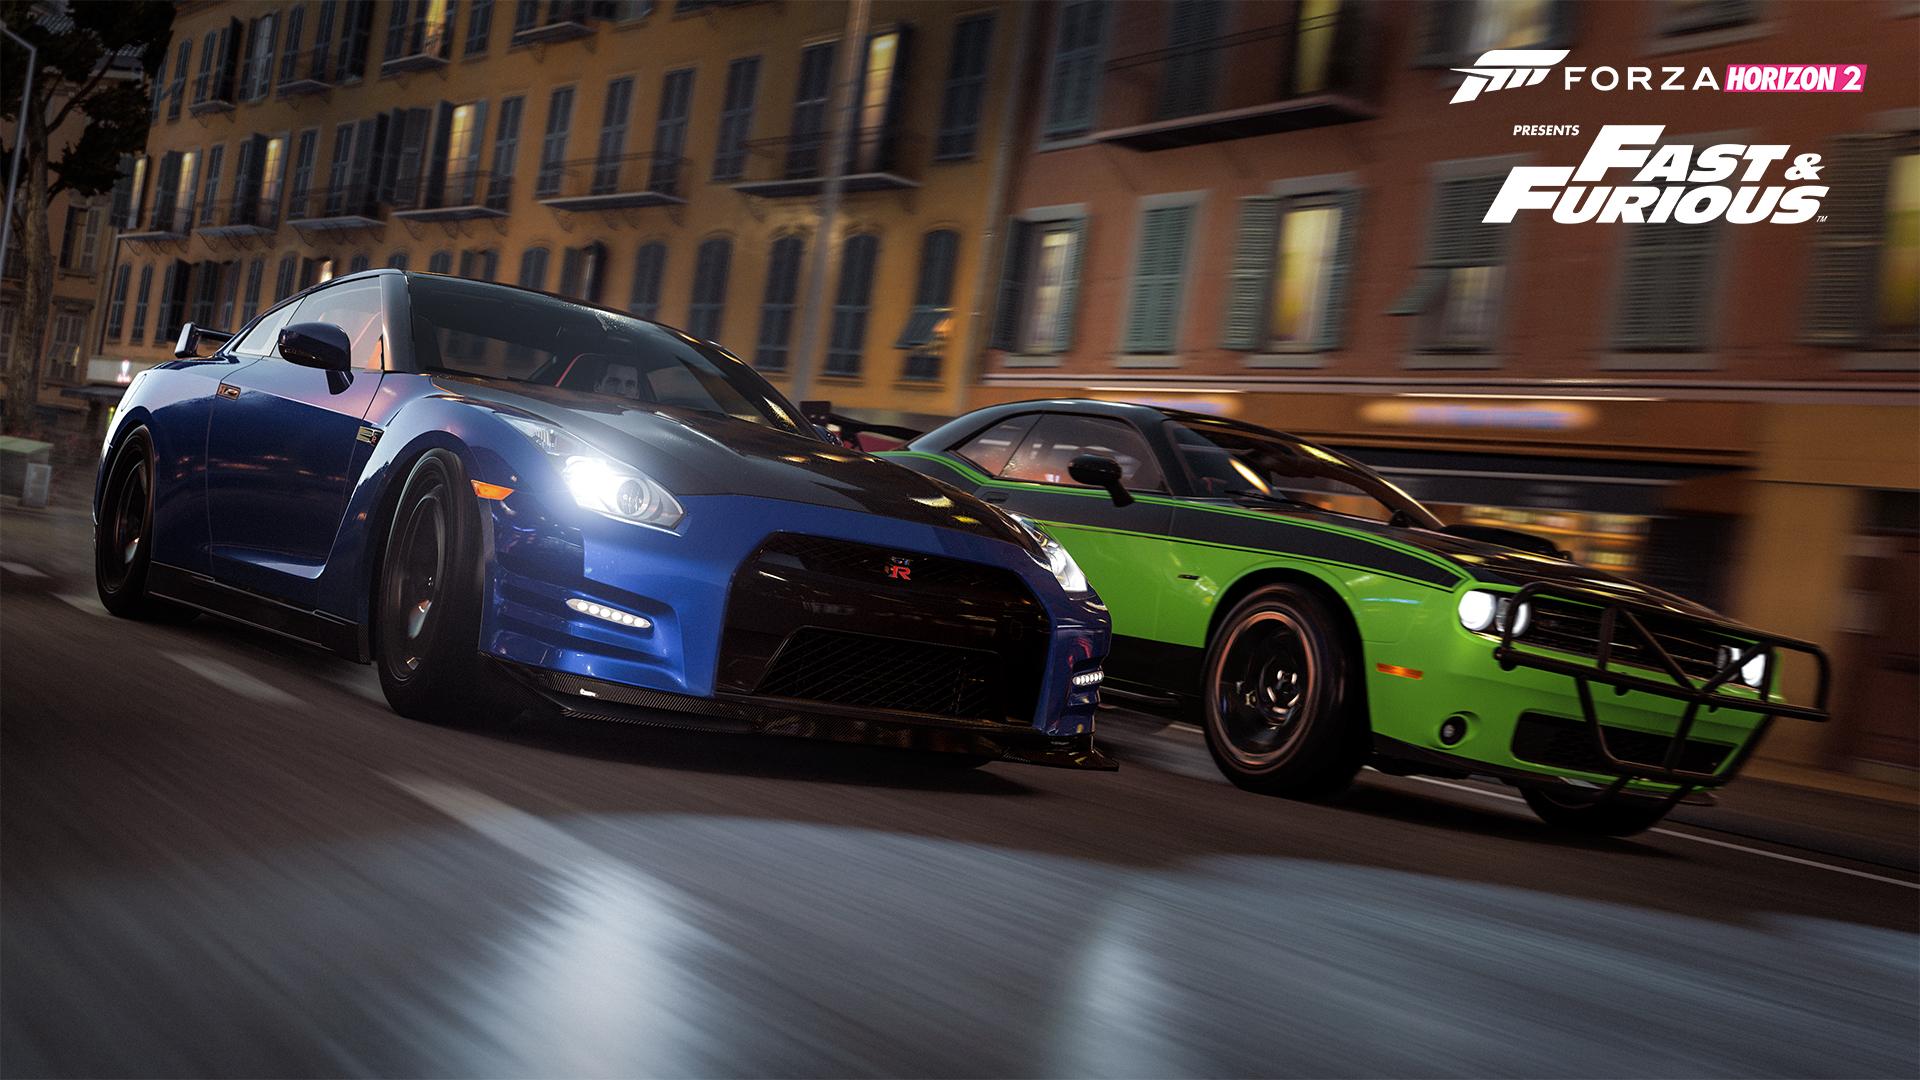 Expansão Fast and Furious para Forza Horizon 2 já está disponível